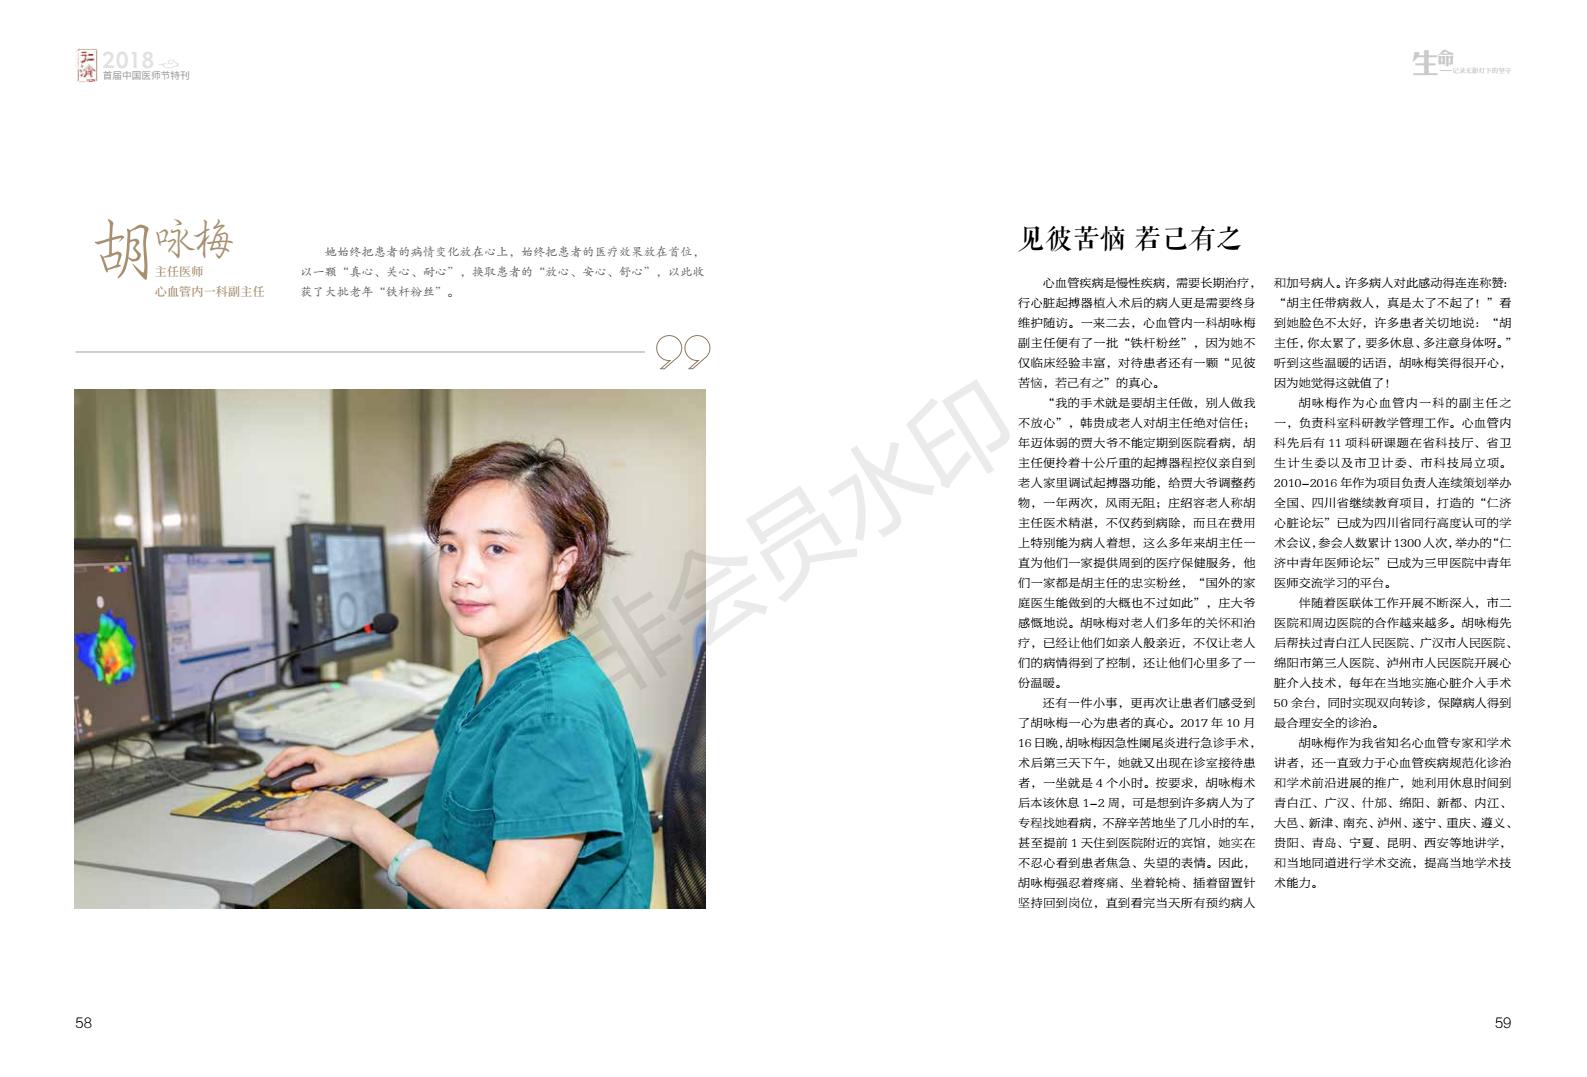 仁济故事汇 特刊_29